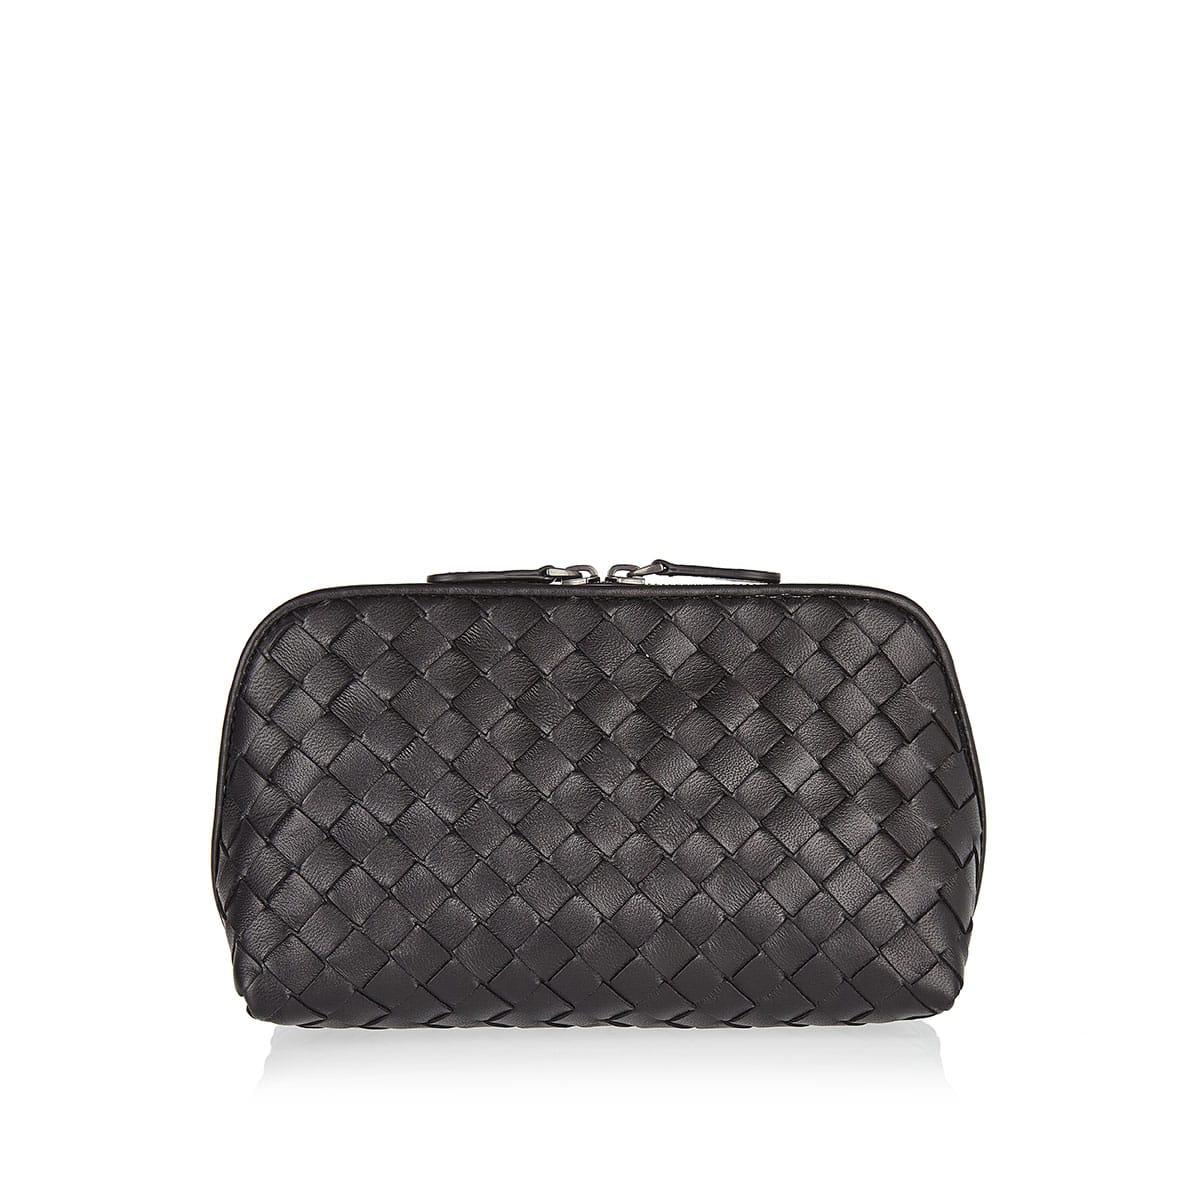 Intrecciato leather cosmetic case